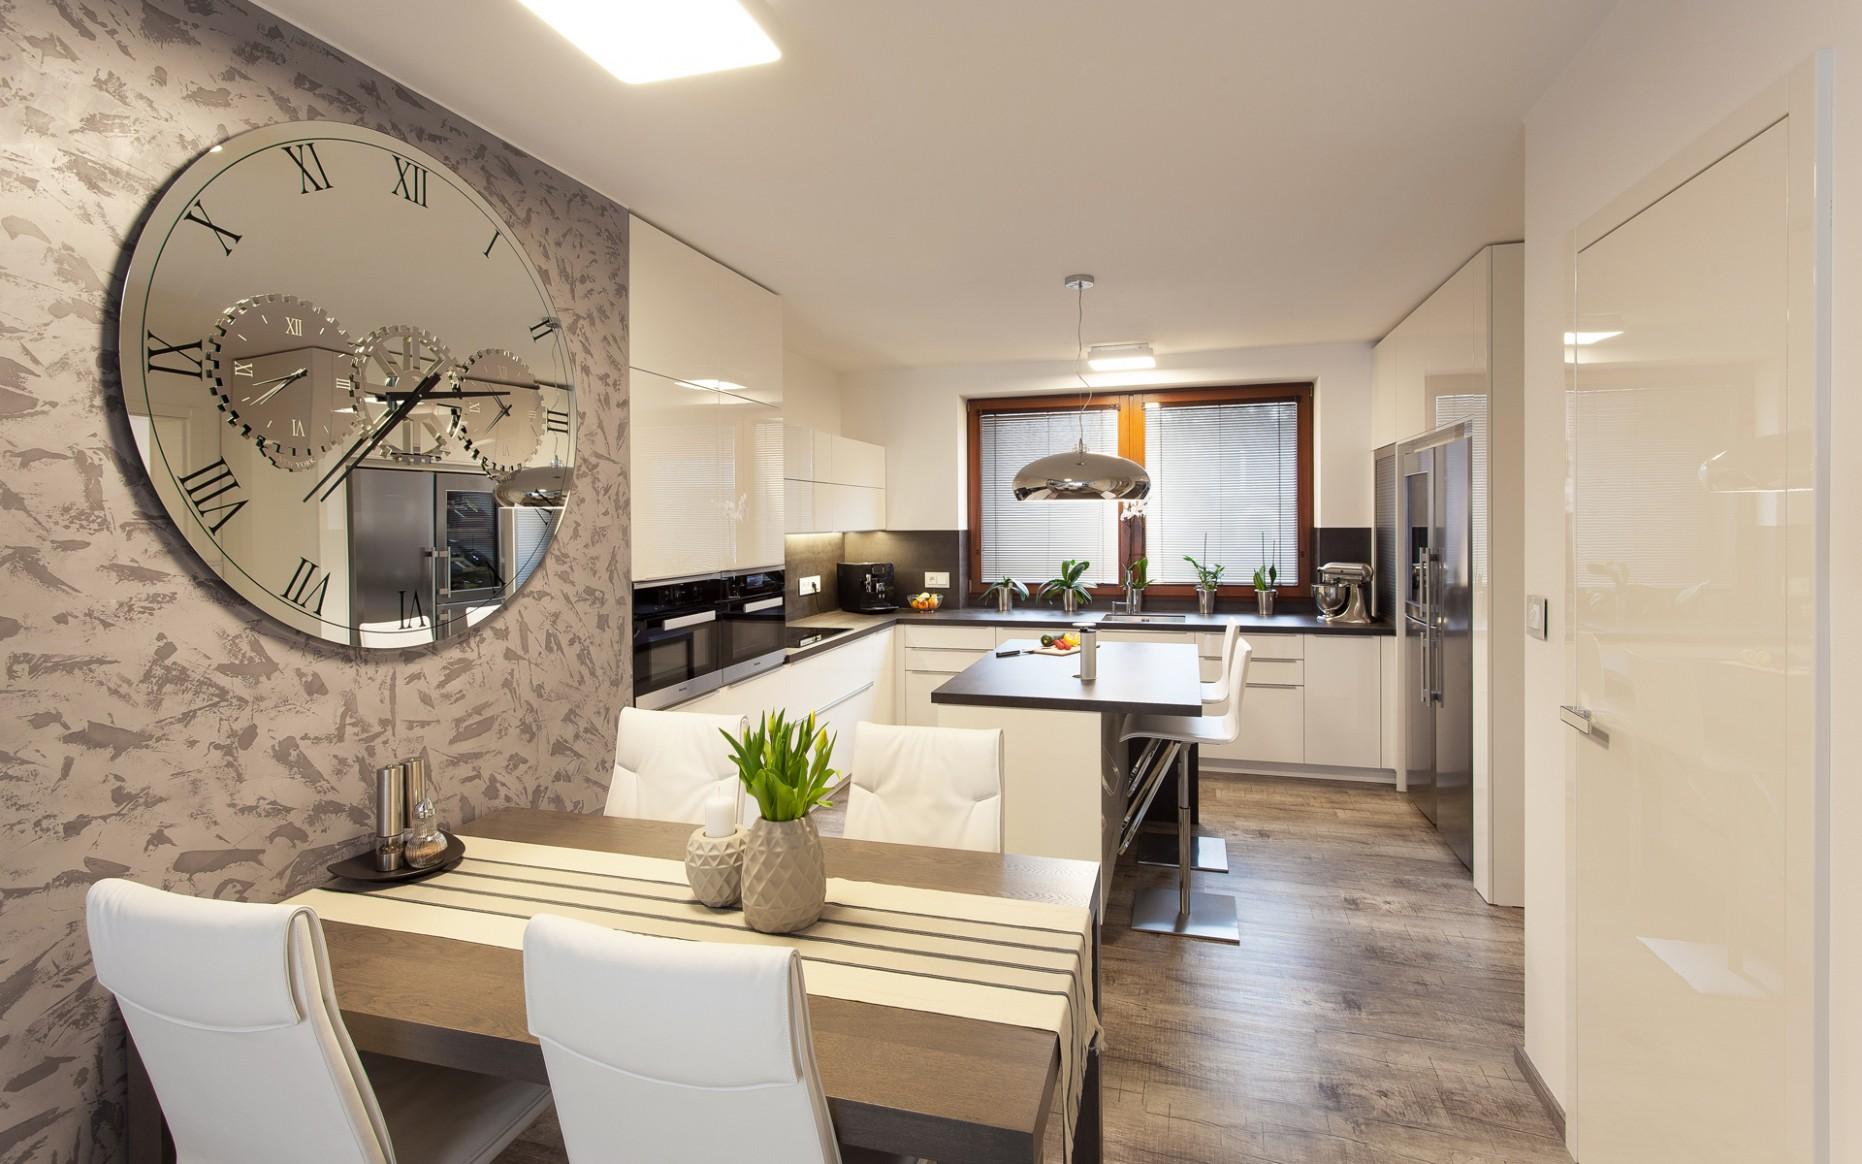 Dům s nábytkem a dveřmi HANÁK, přízemní byt | HANÁK - Interiér